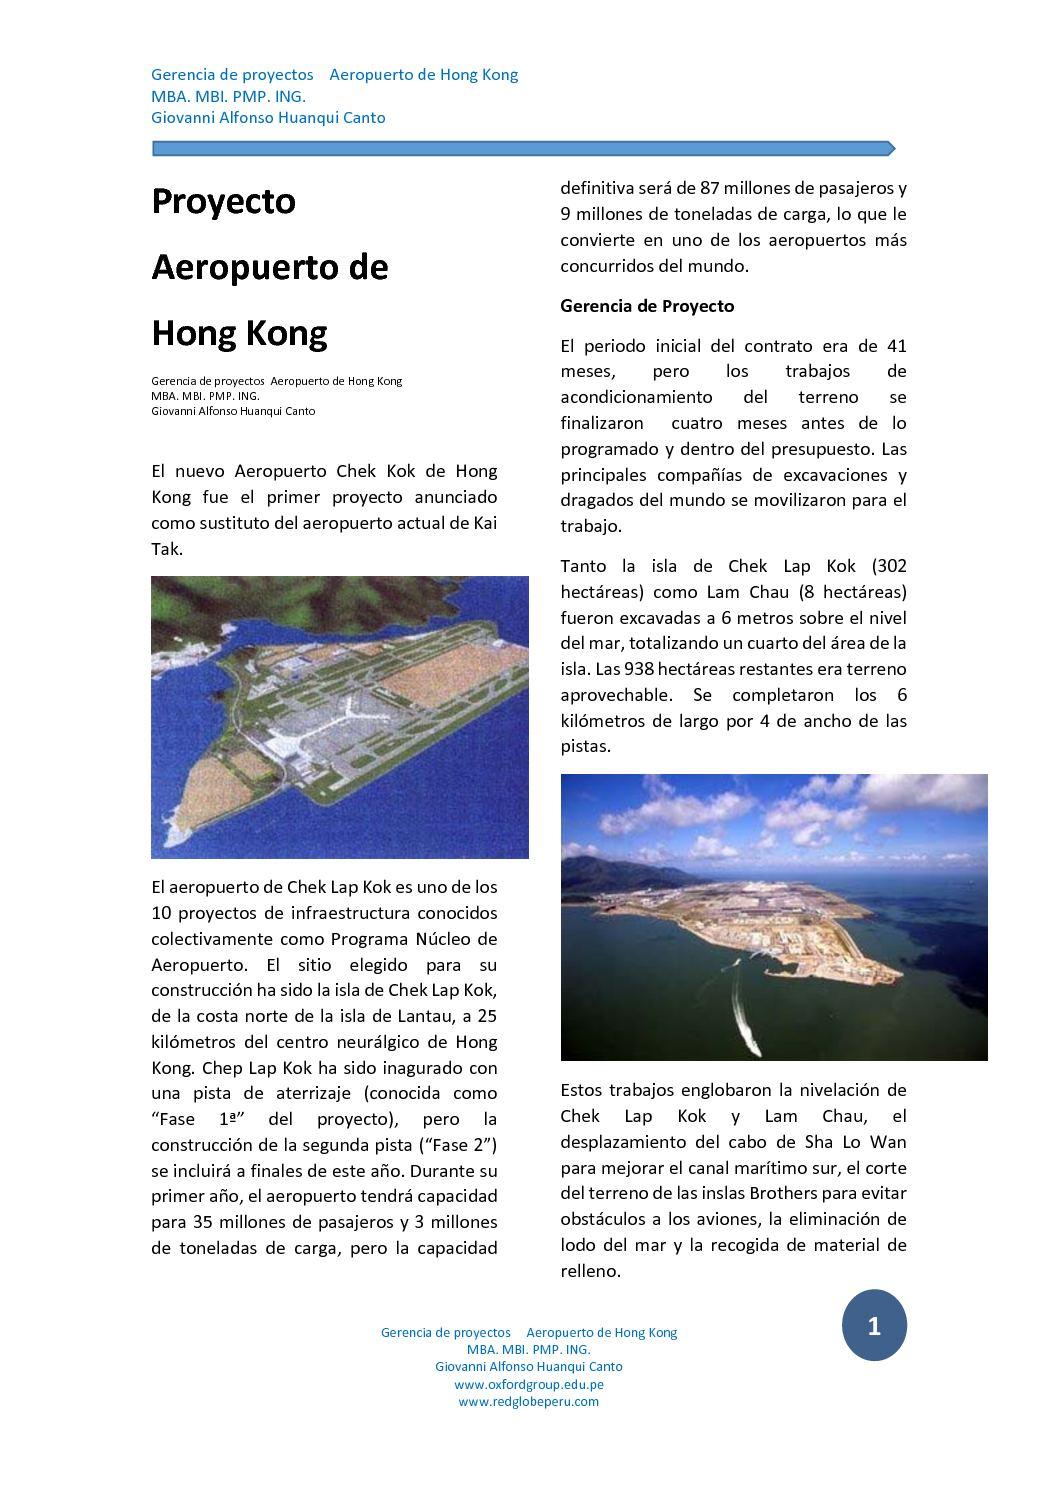 Caso Proyecto Aeropuerto De Hong Kong Gerencia De Proyectos Giovanni Alfonso Huanqui Canto